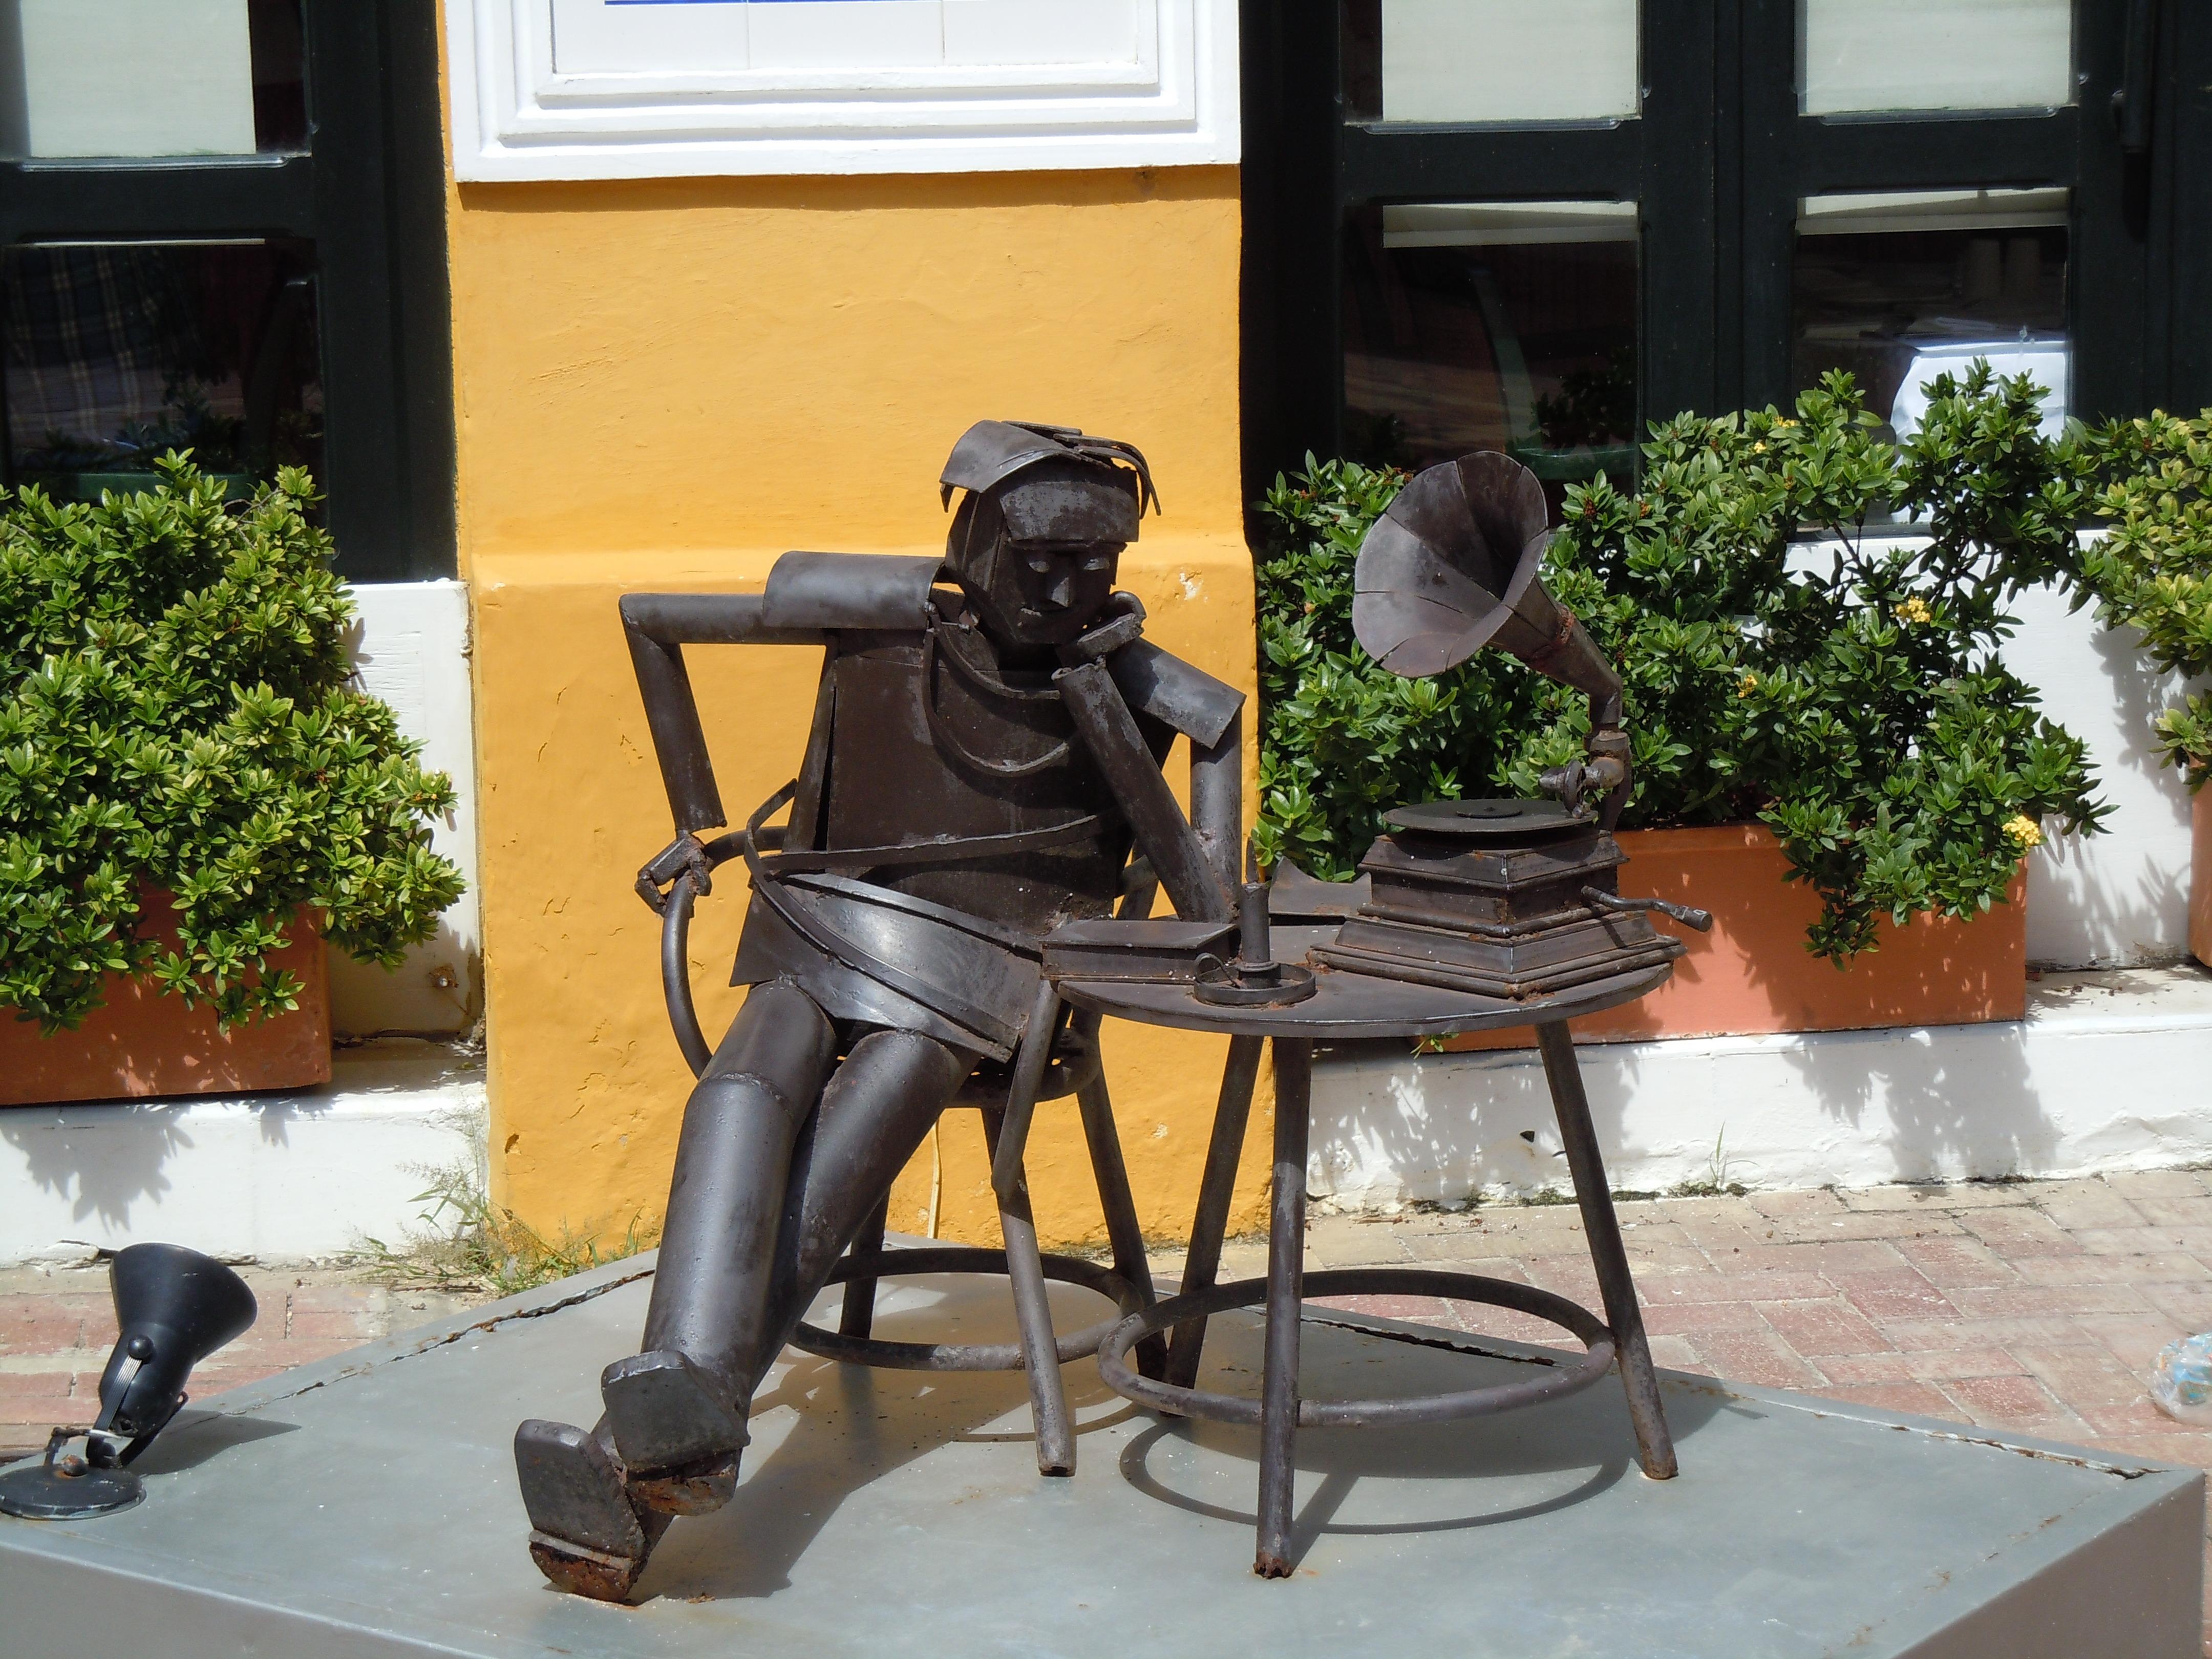 Fotos Gratis Mesa Rbol Planta Silla Monumento Estatua  # Muebles Hojalata